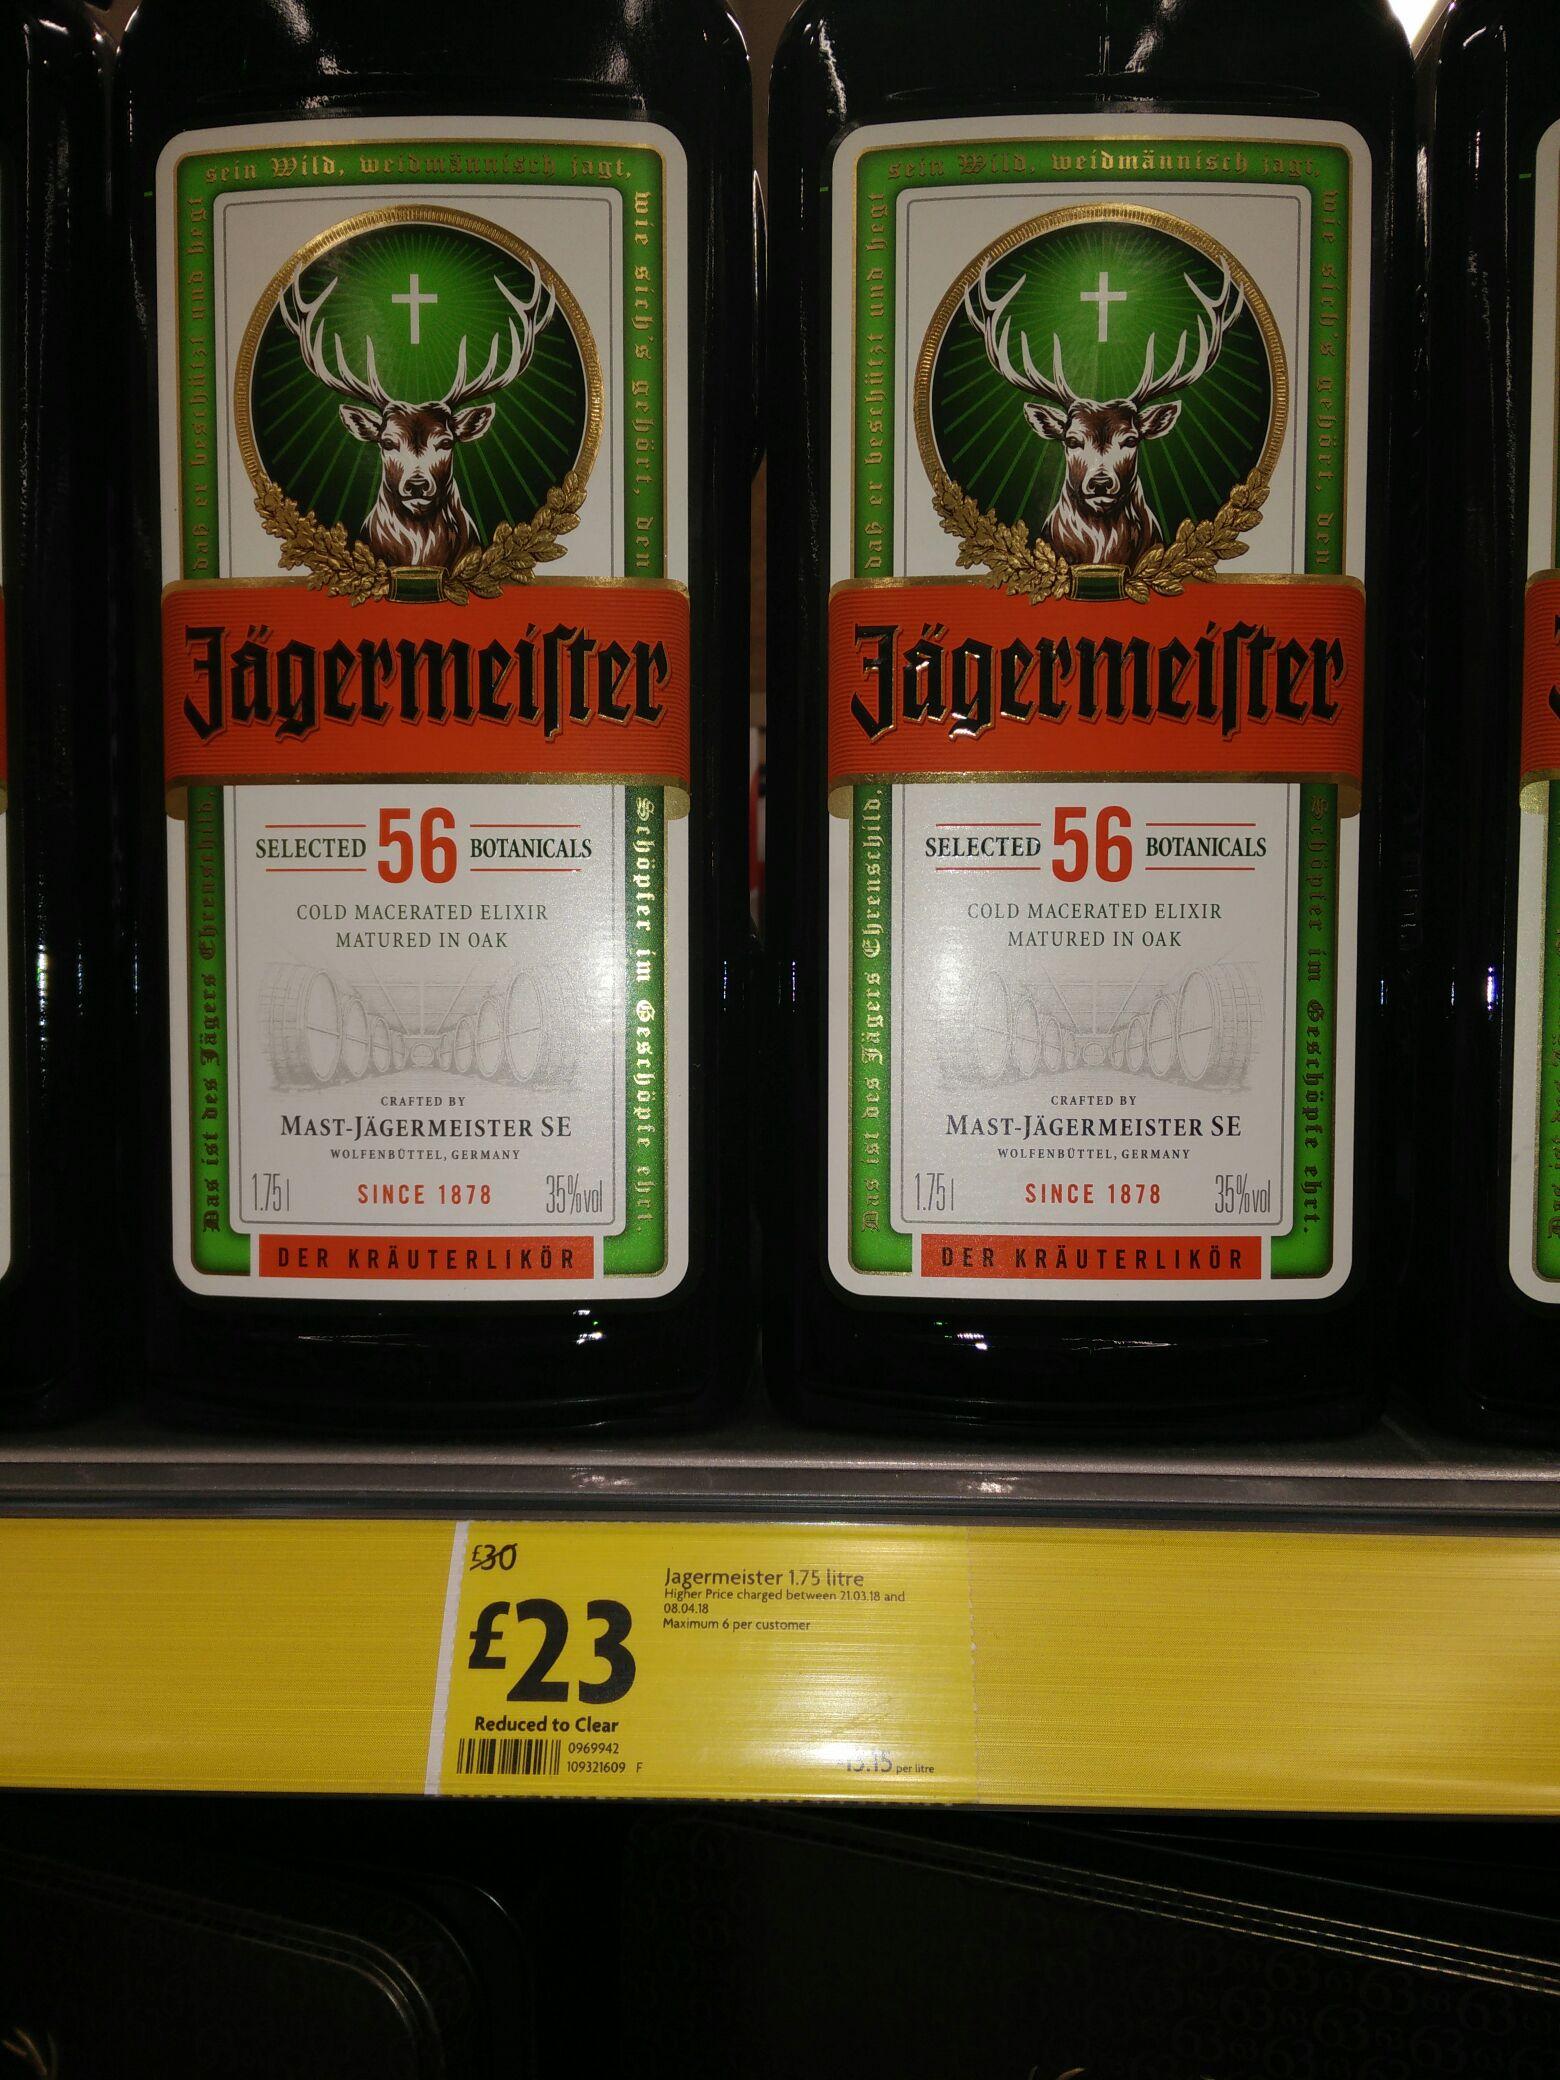 Jagermeister 1.75 litre £23 instore at Morrison's